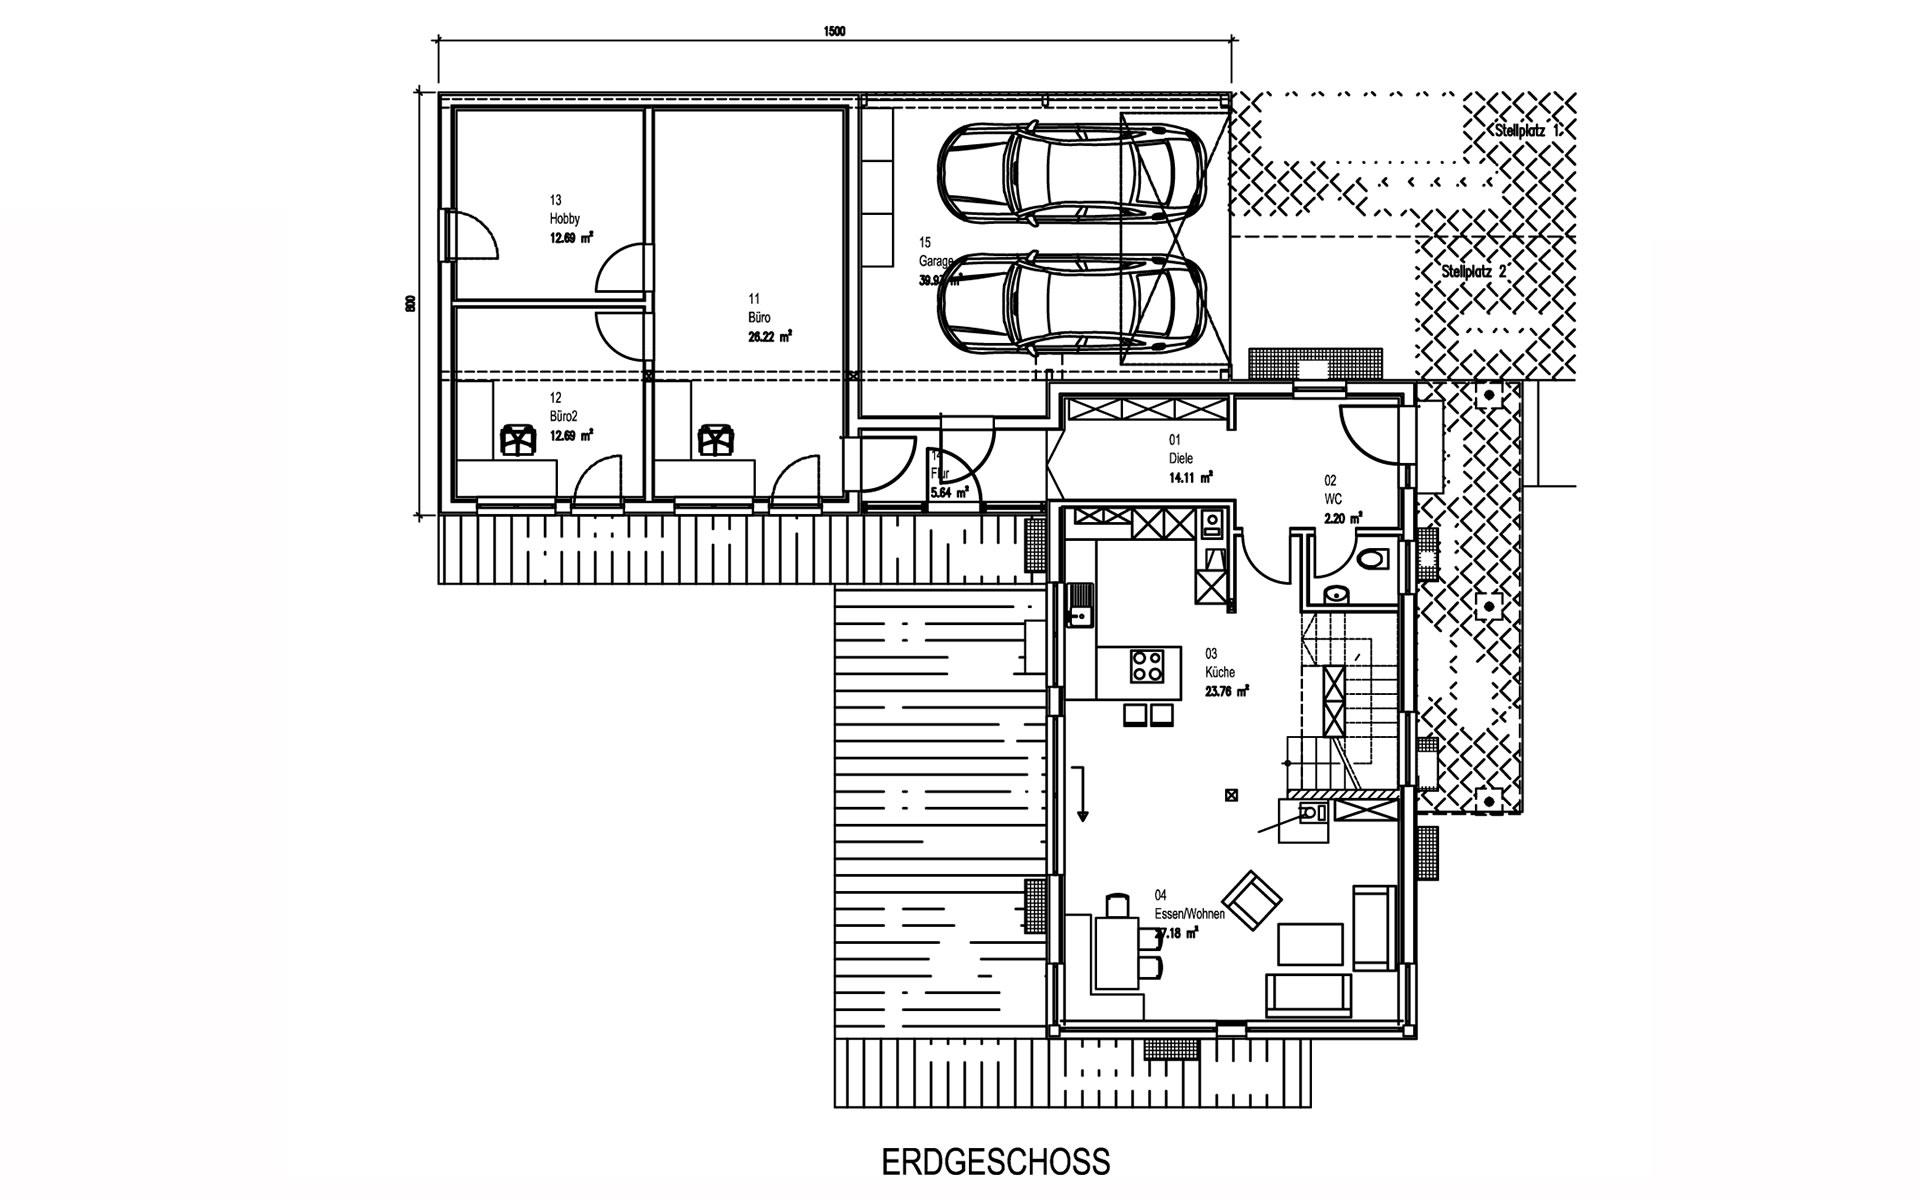 Erdgeschoss Prien von Sonnleitner Holzbauwerke GmbH & Co. KG